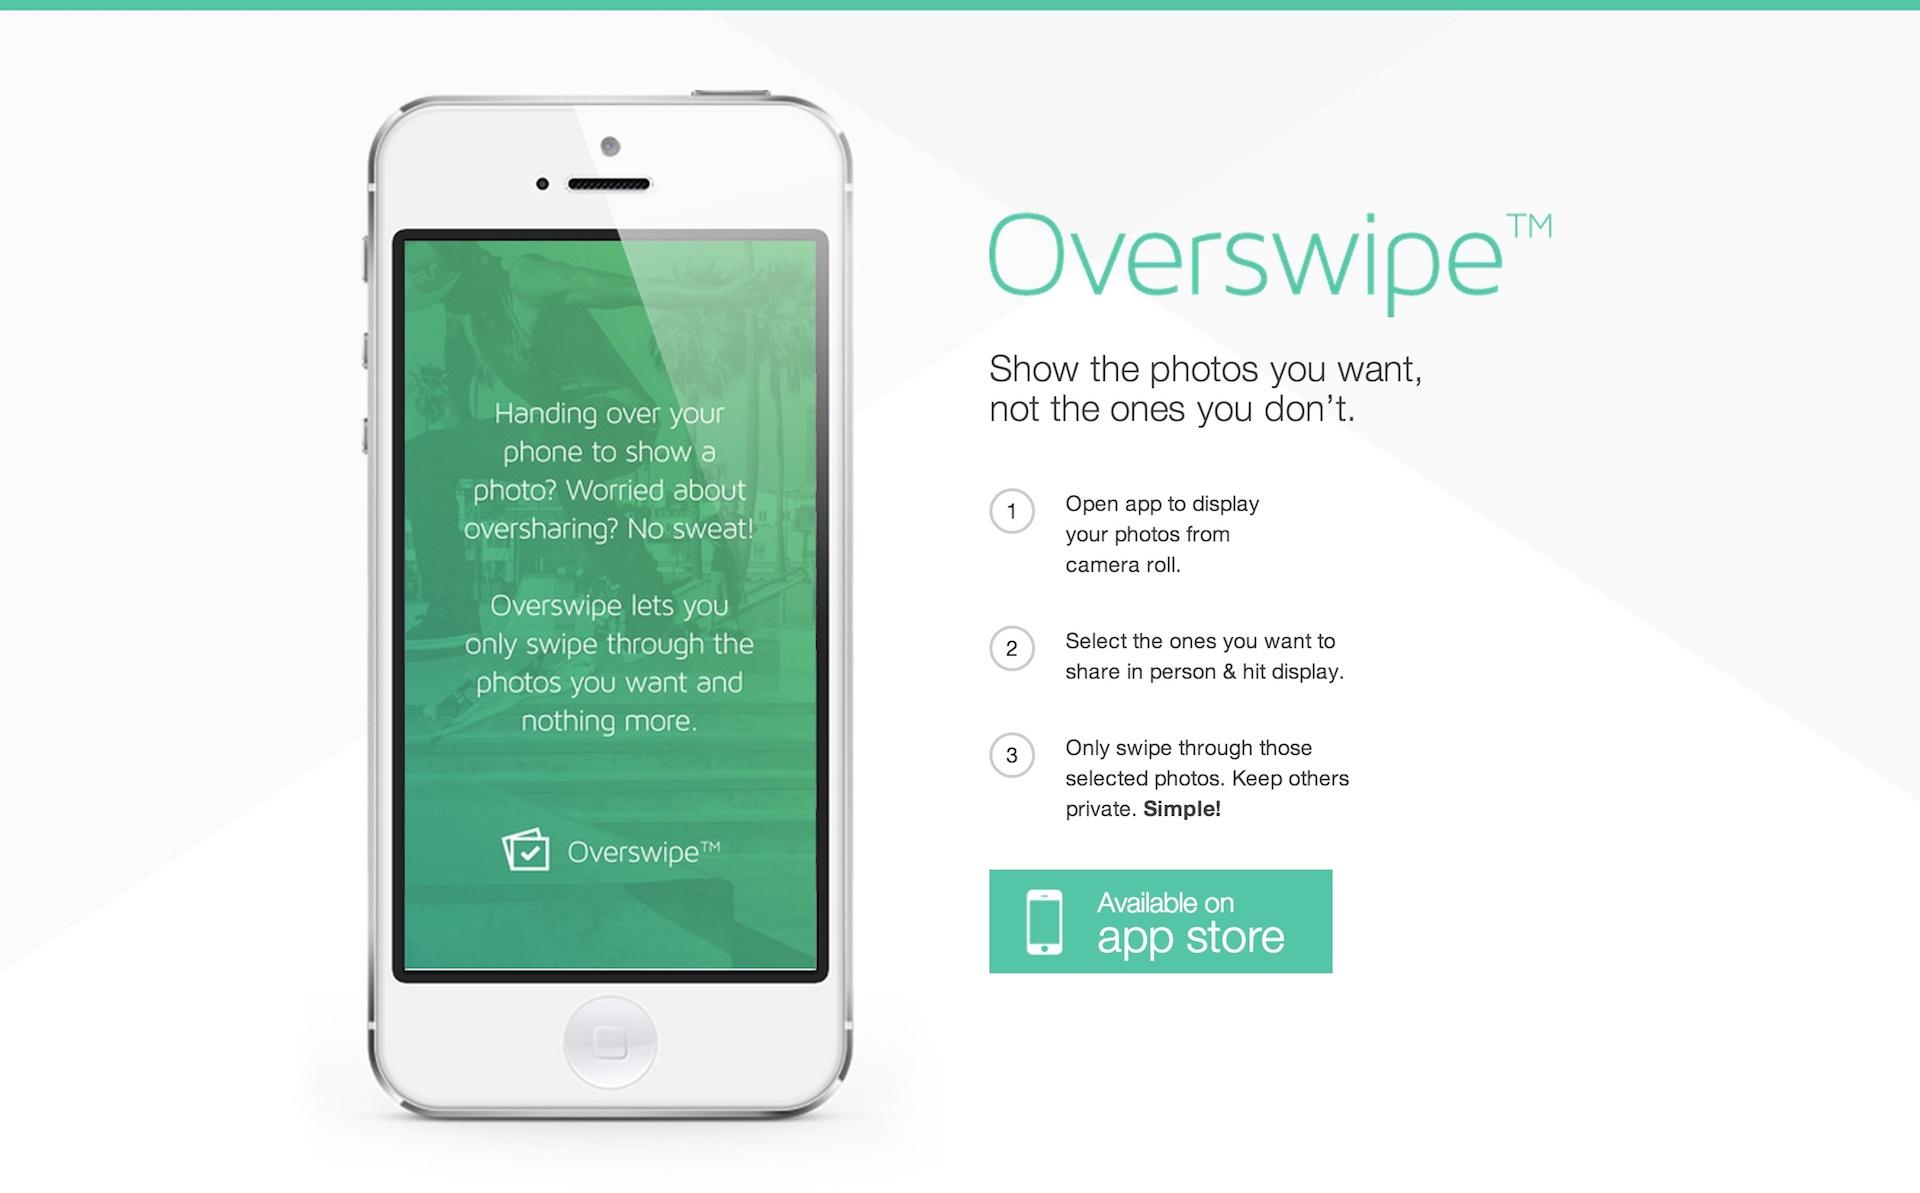 友だちに指定した画像だけを見せられるiPhoneアプリ「Overswipe」が超ベンリ!